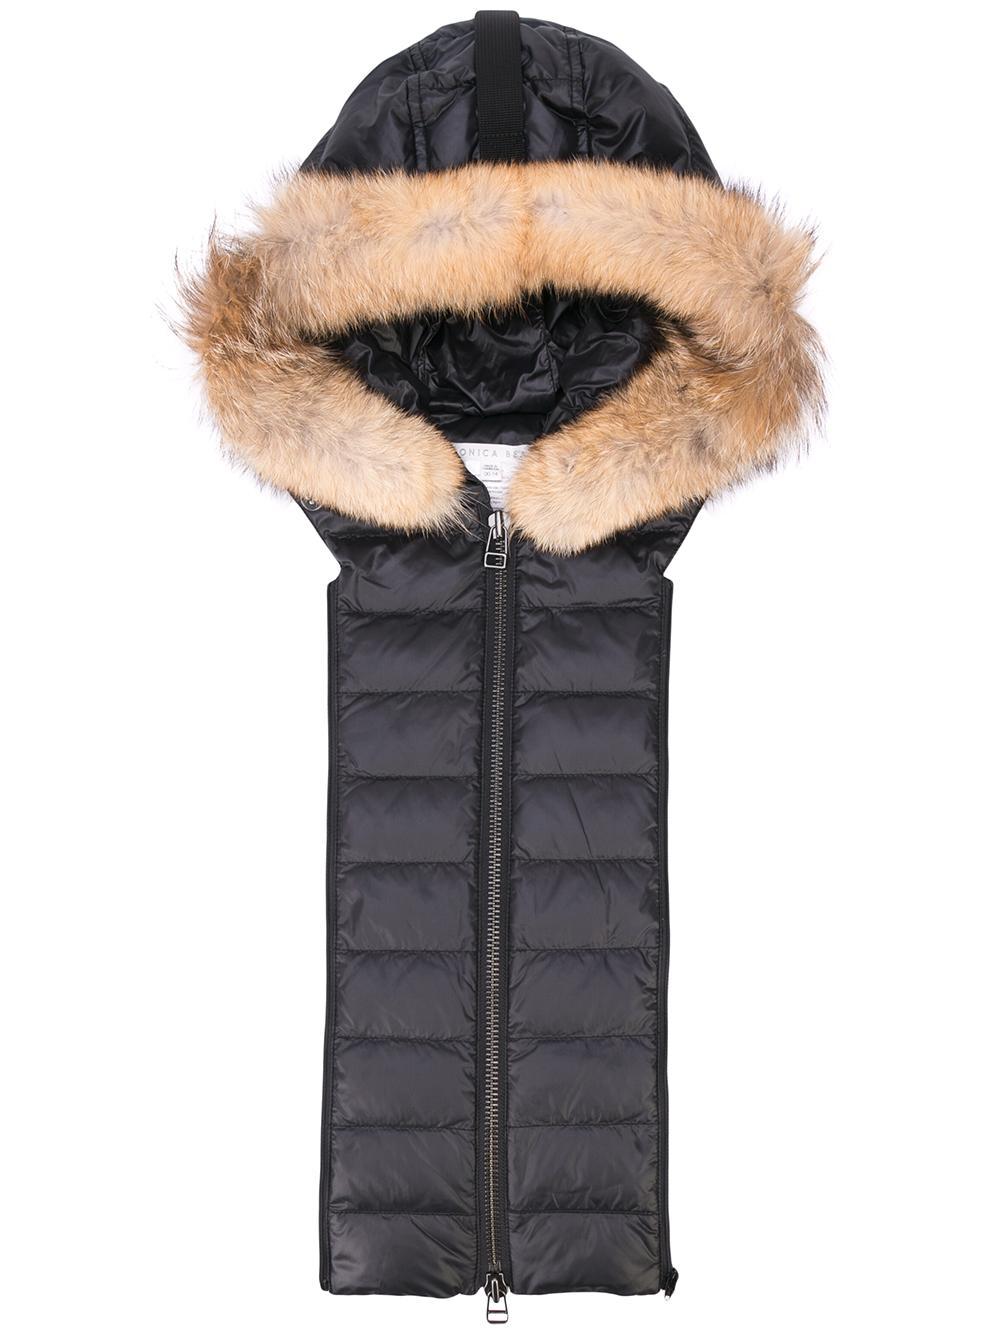 Fur Hoodie Dickey Item # 1909SPC5154